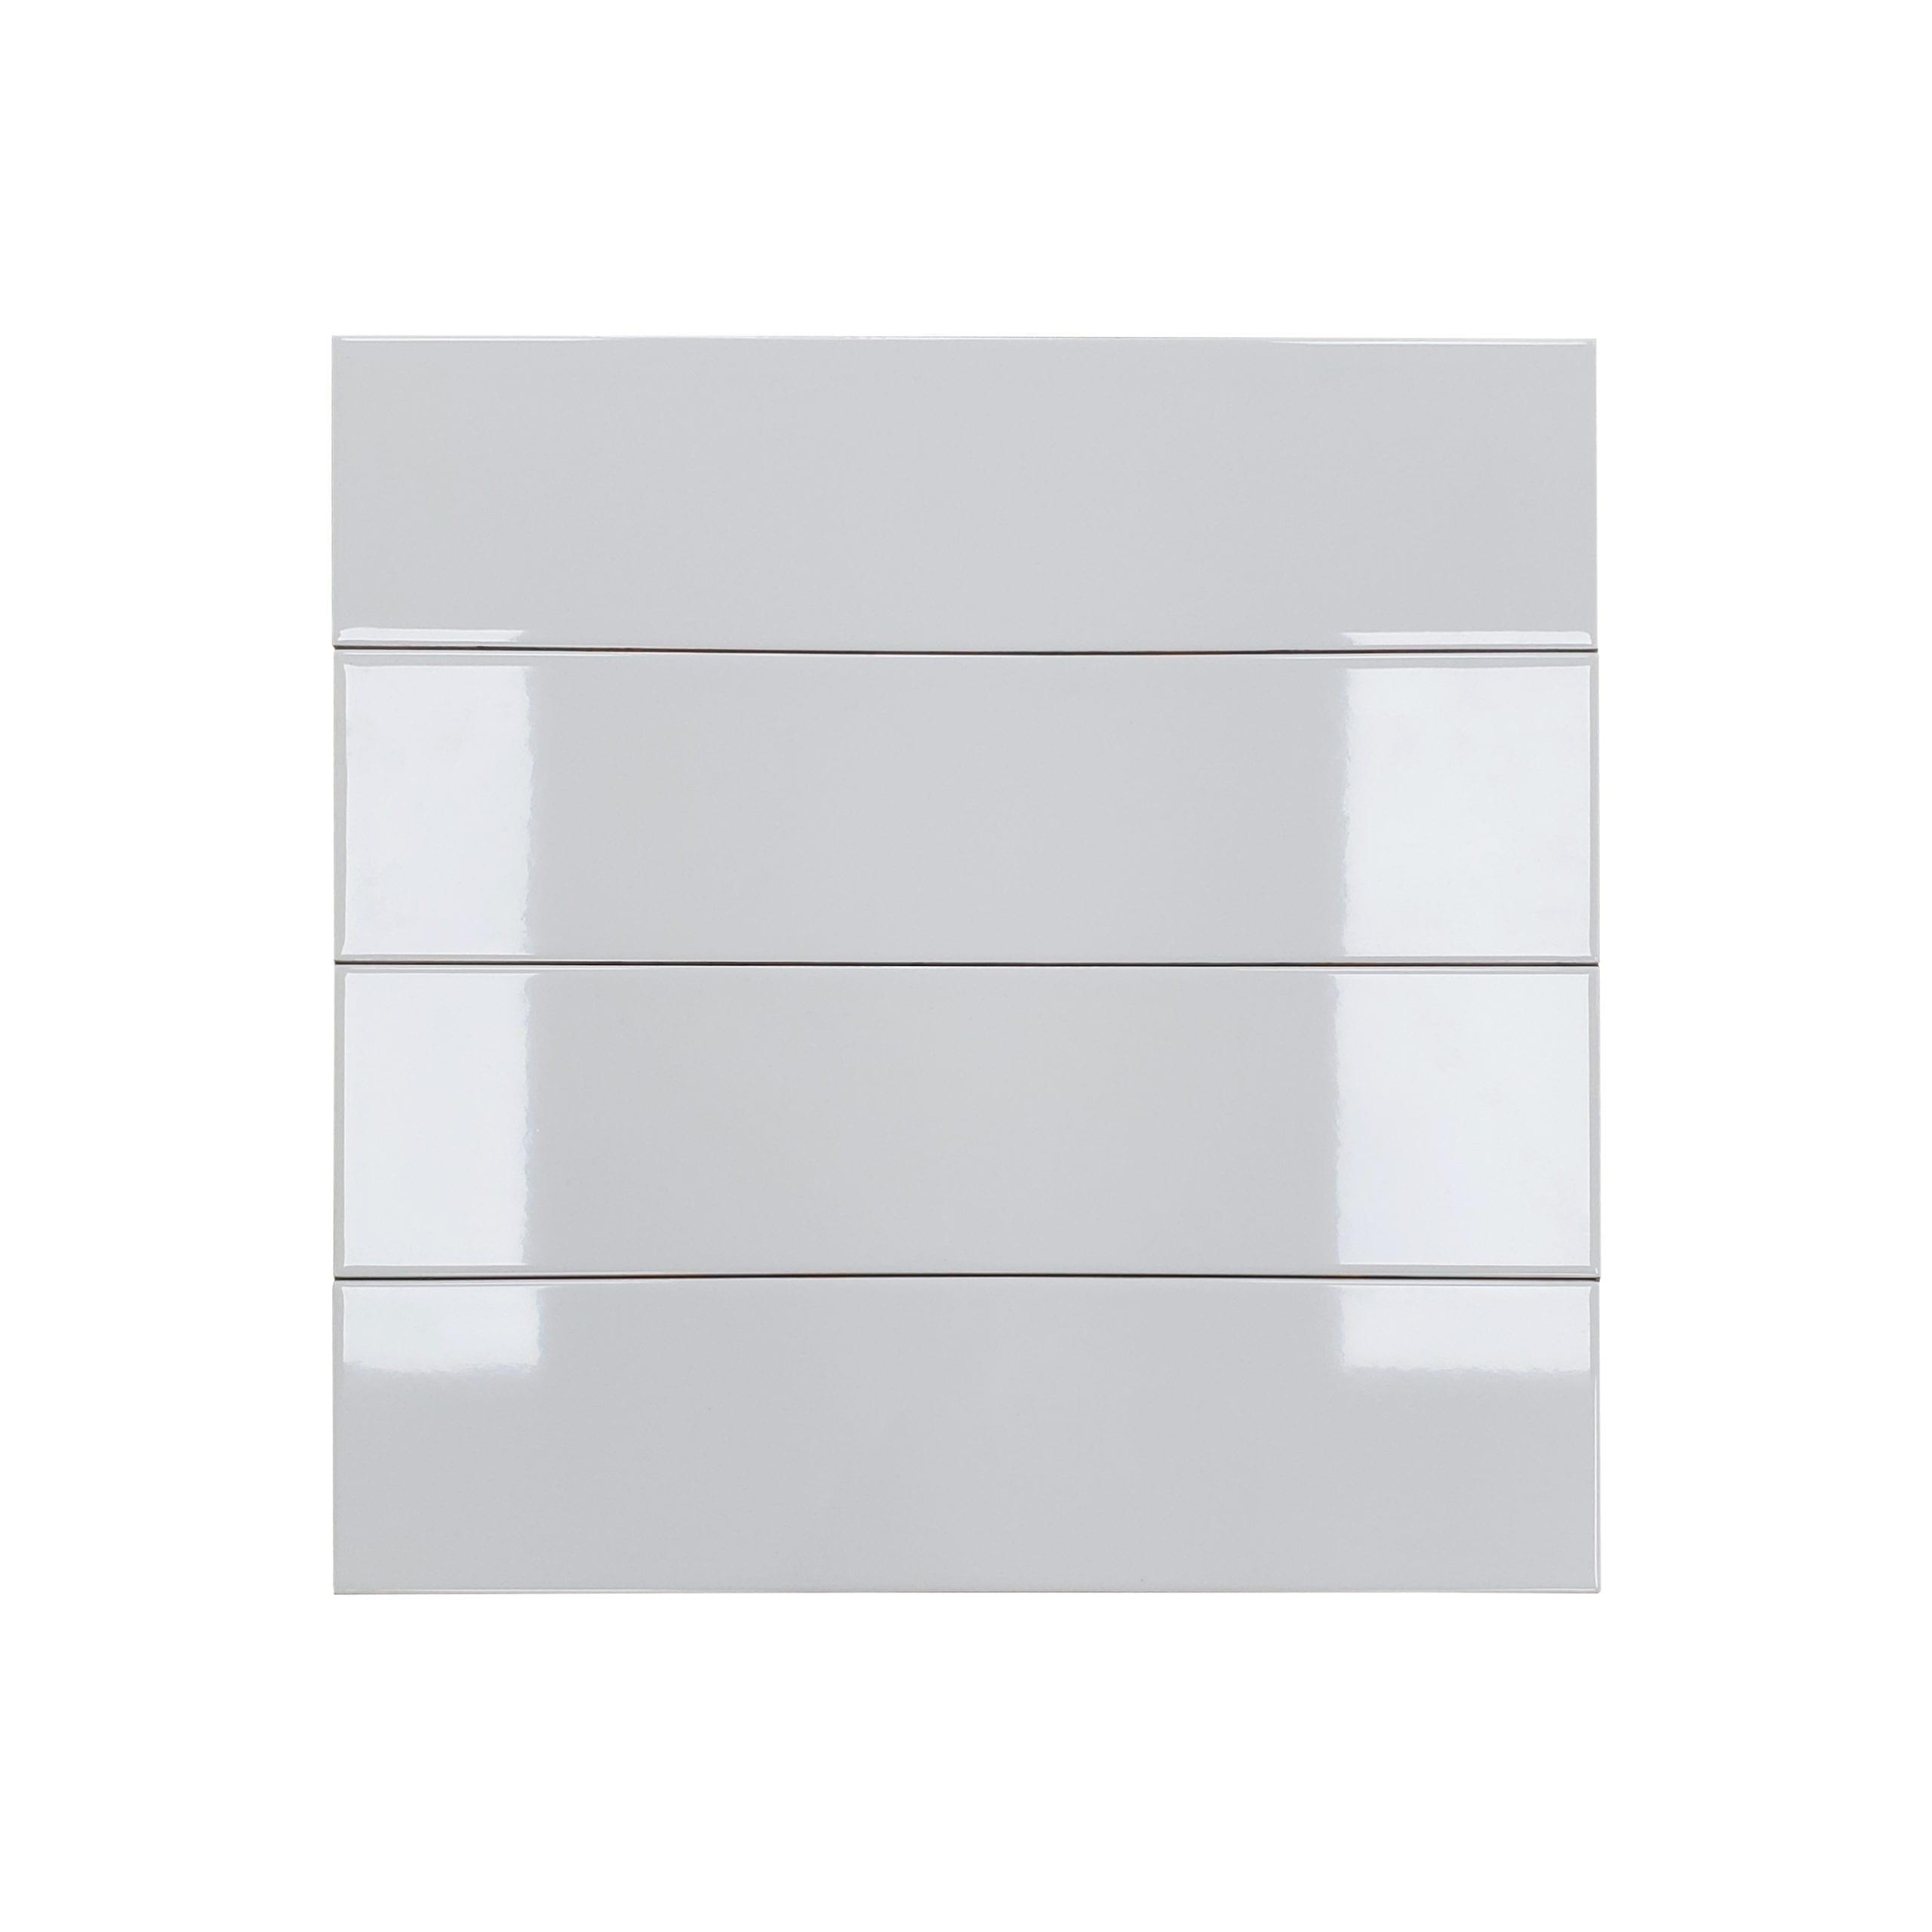 4×16 Soho Glossy Tile_Warm Grey_1.99